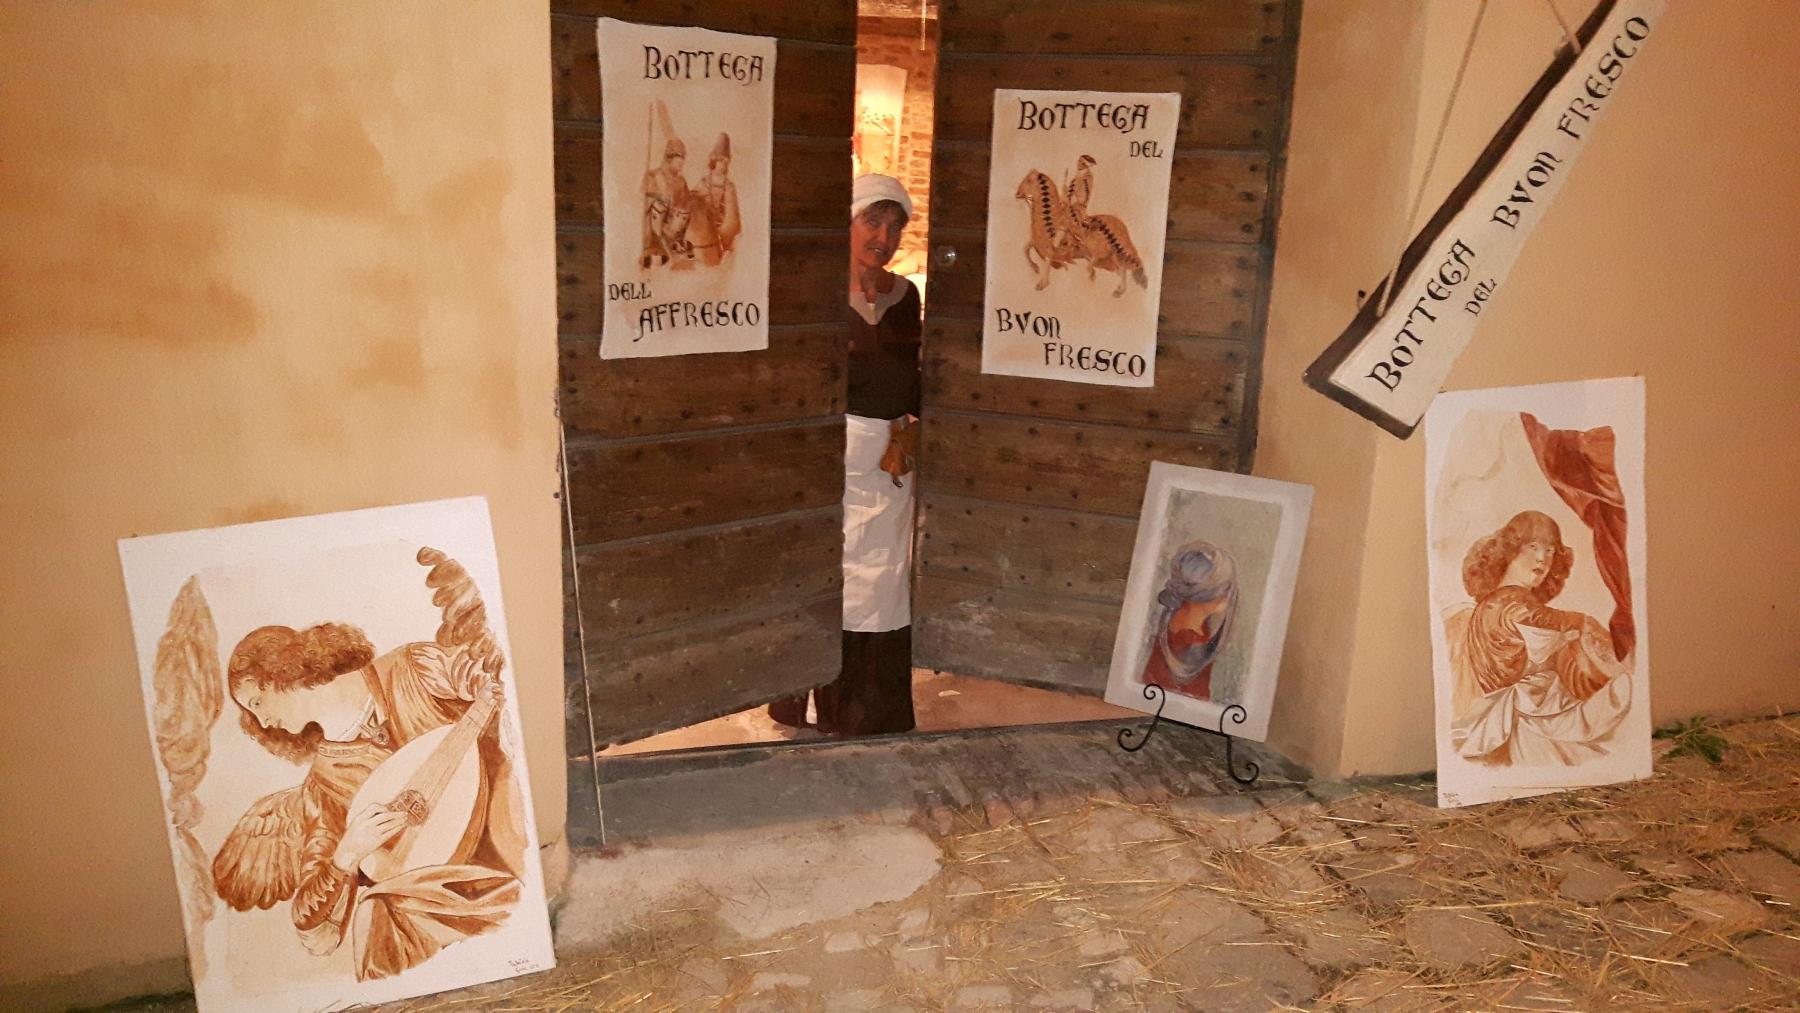 Patrizia Gioia_Bottega del affresco_HistorischerMarkt